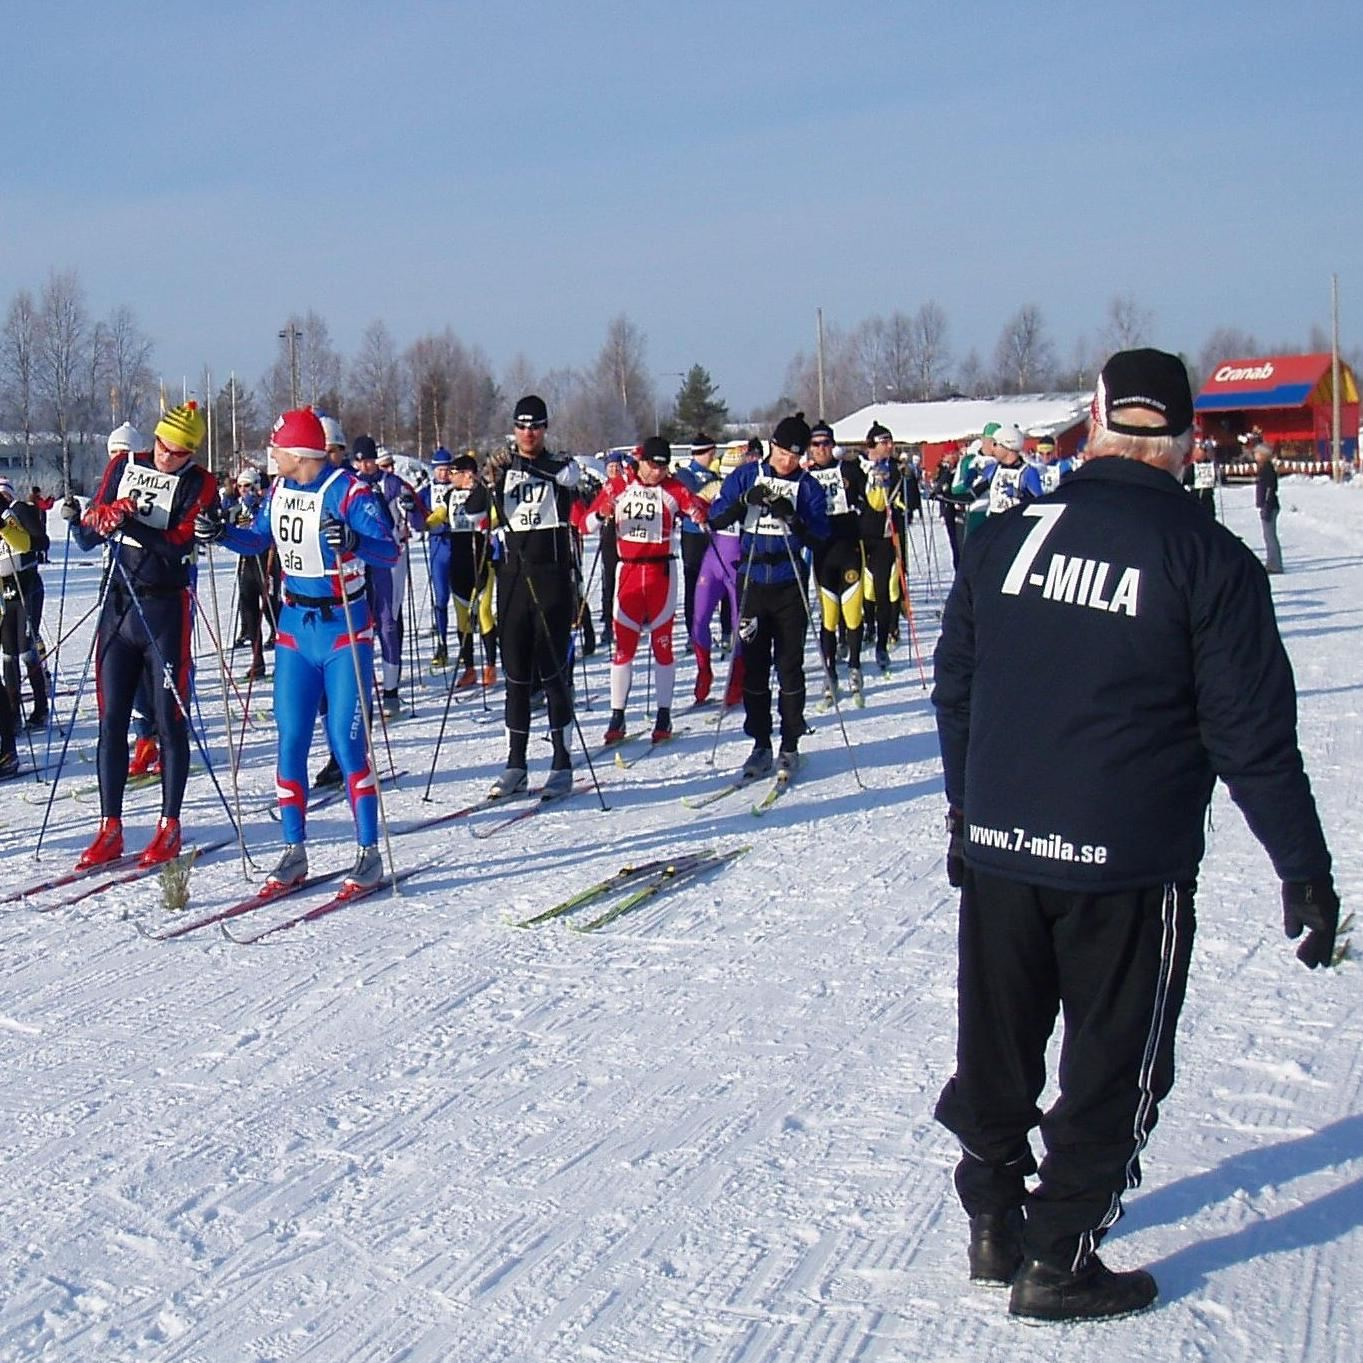 Västerbottens Skifest – 70km-Rennen (copy)